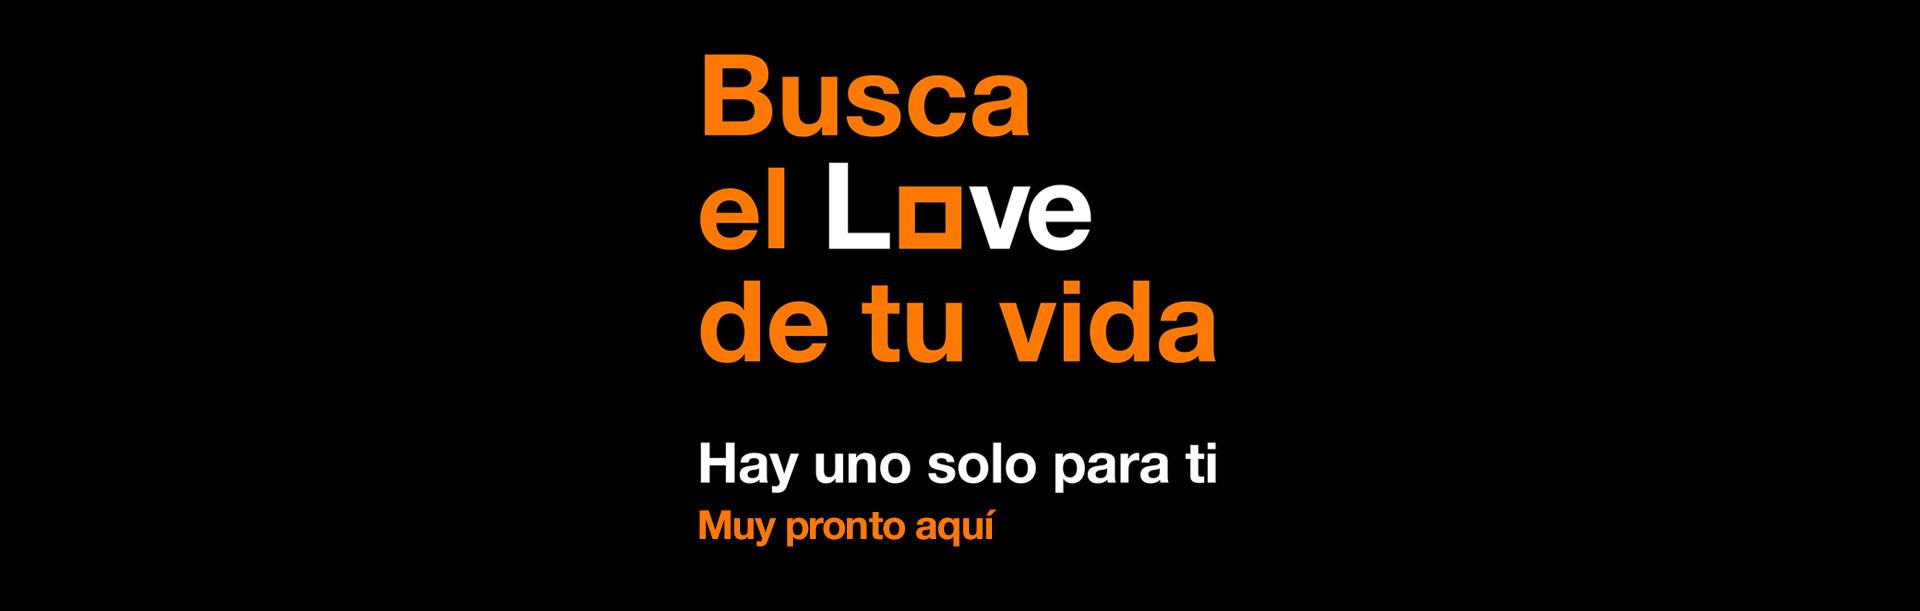 Busca el Love de tu vida